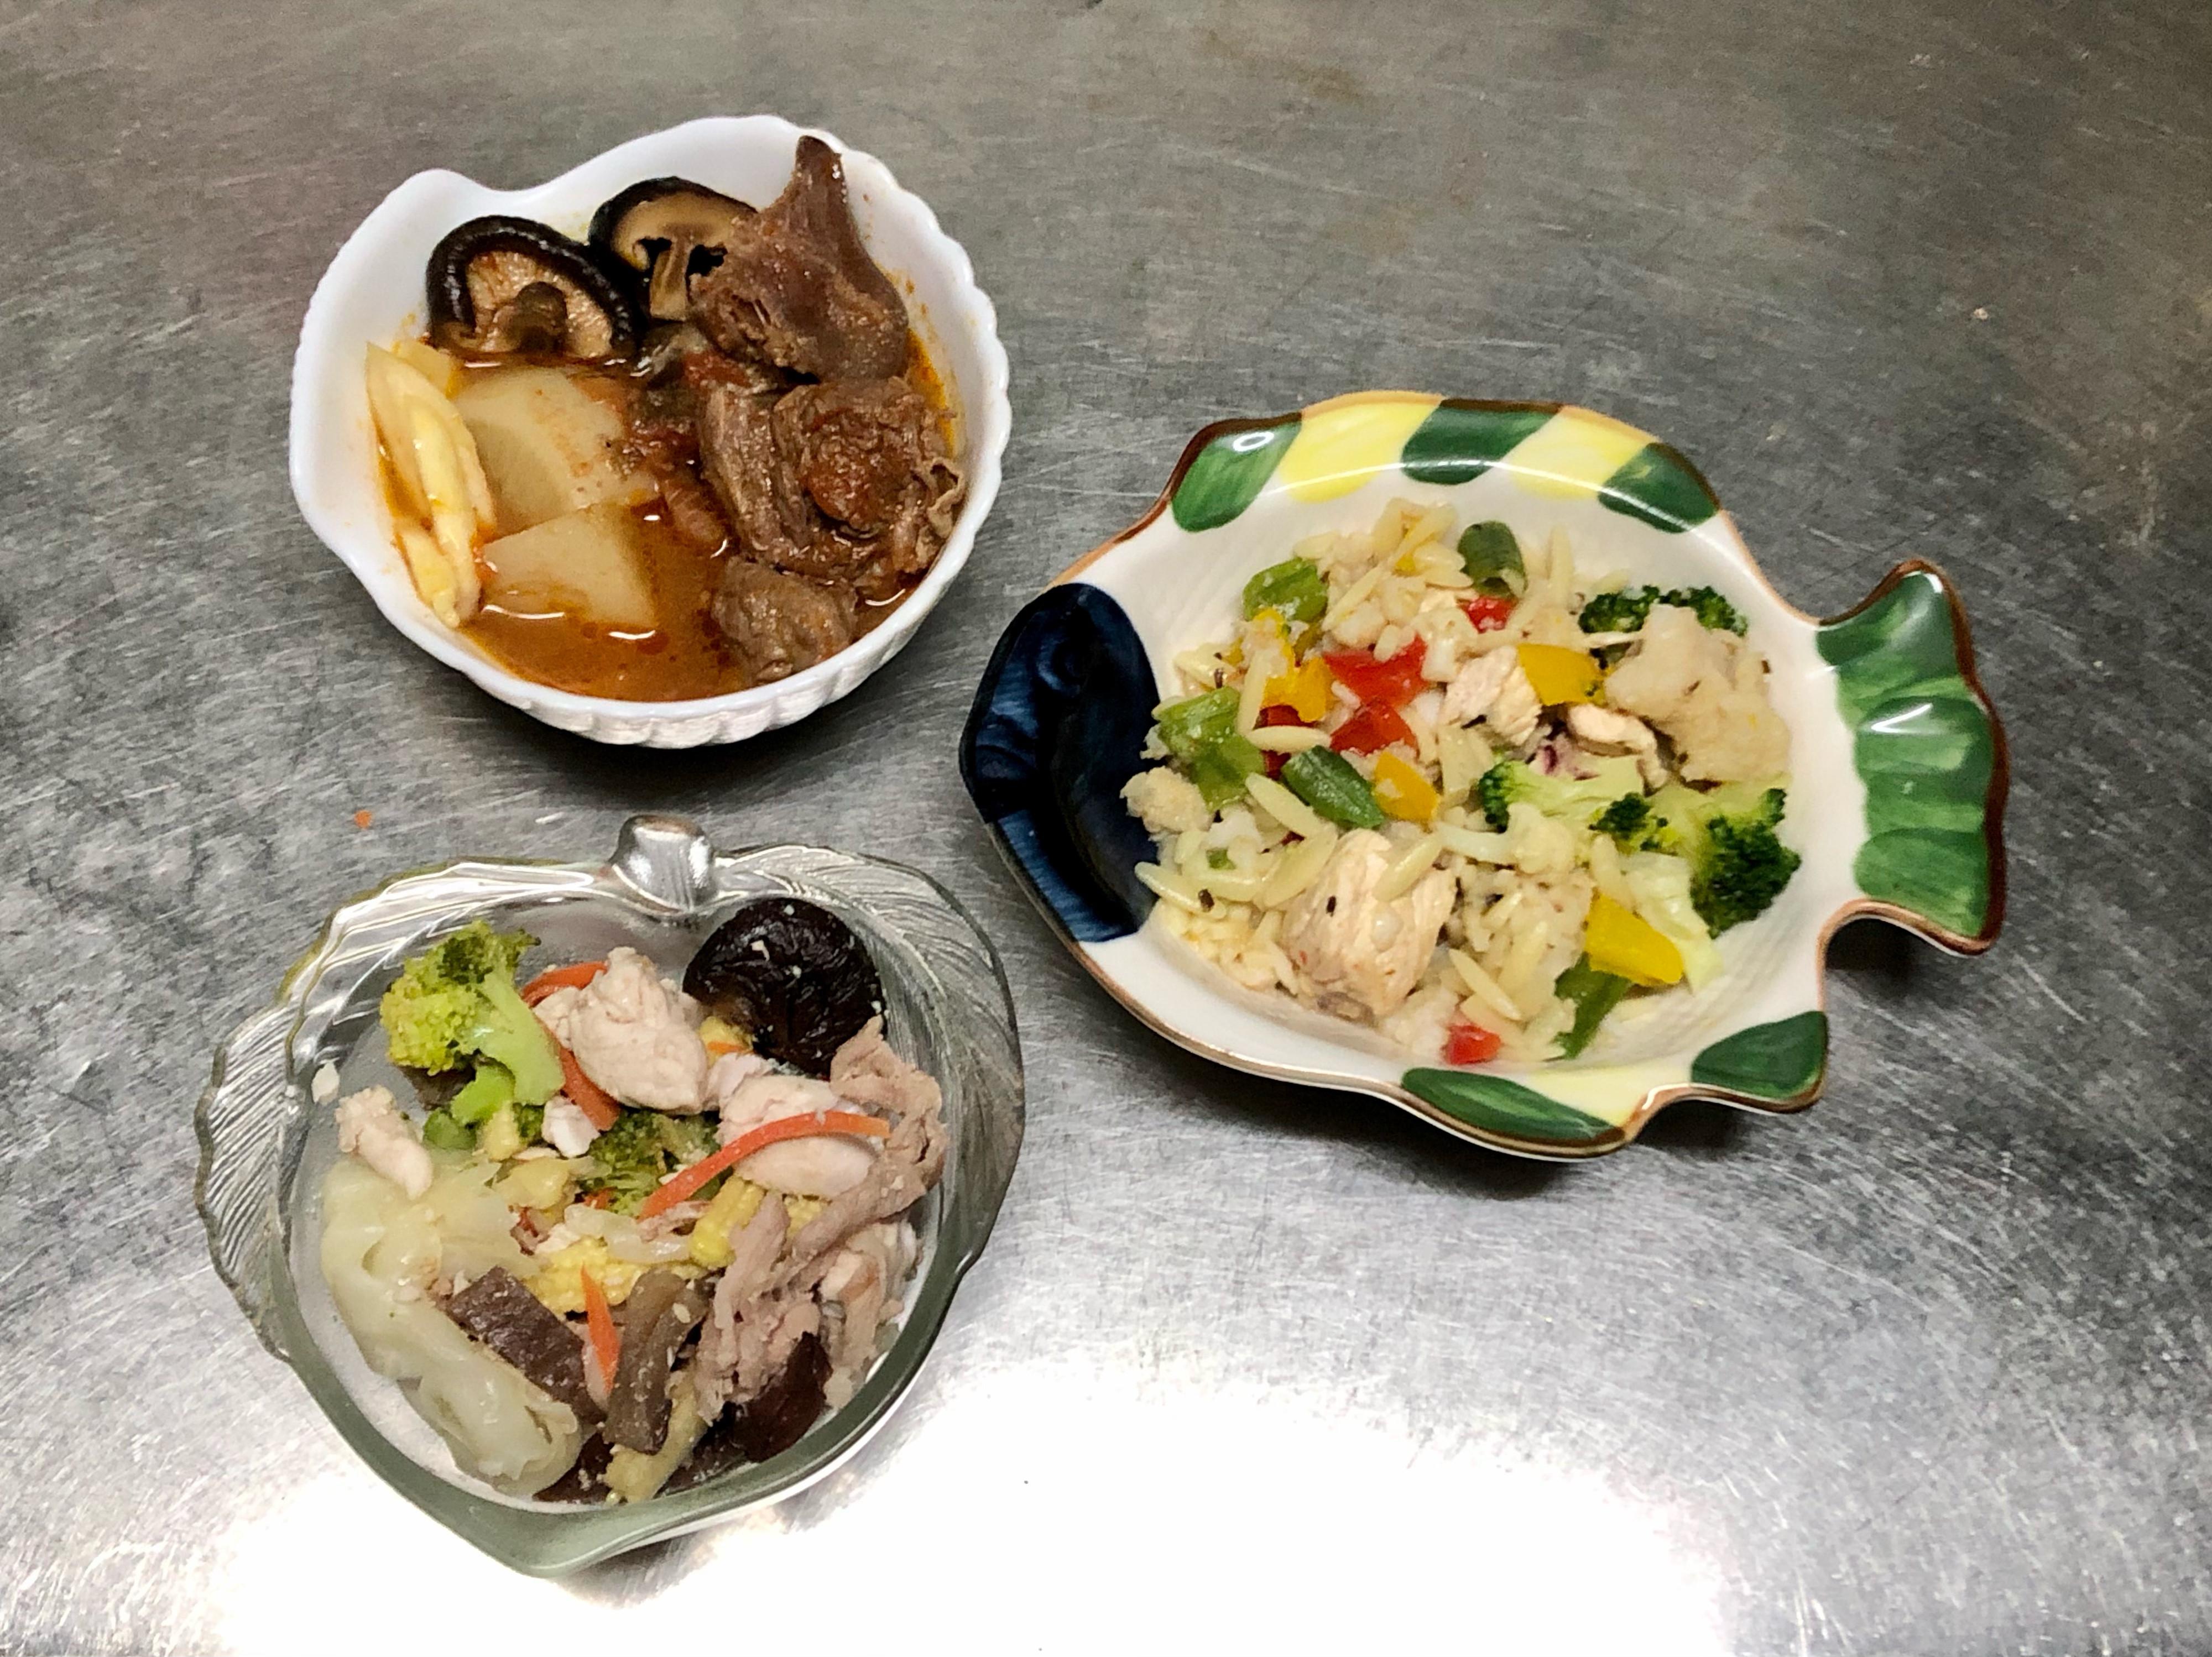 鮮食🐾燉牛肉 蔬菜炒肉 豆漿義大利麵